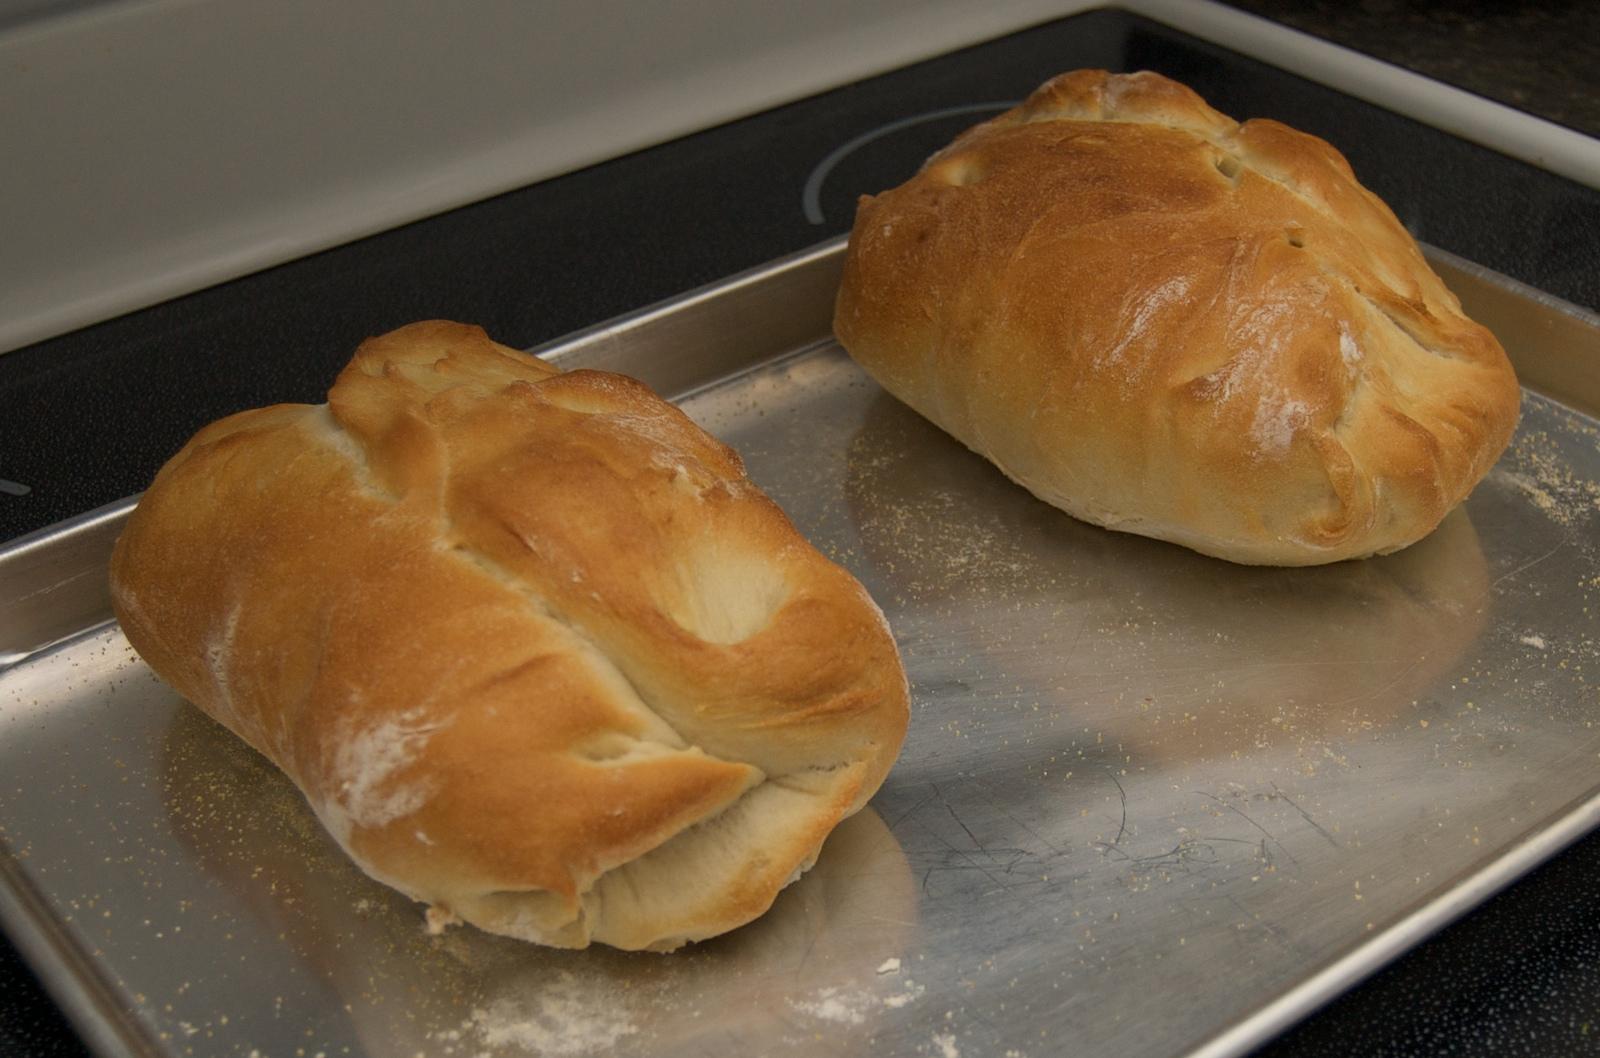 http://blog.rickk.com/food/2010/03/14/bread4.jpg